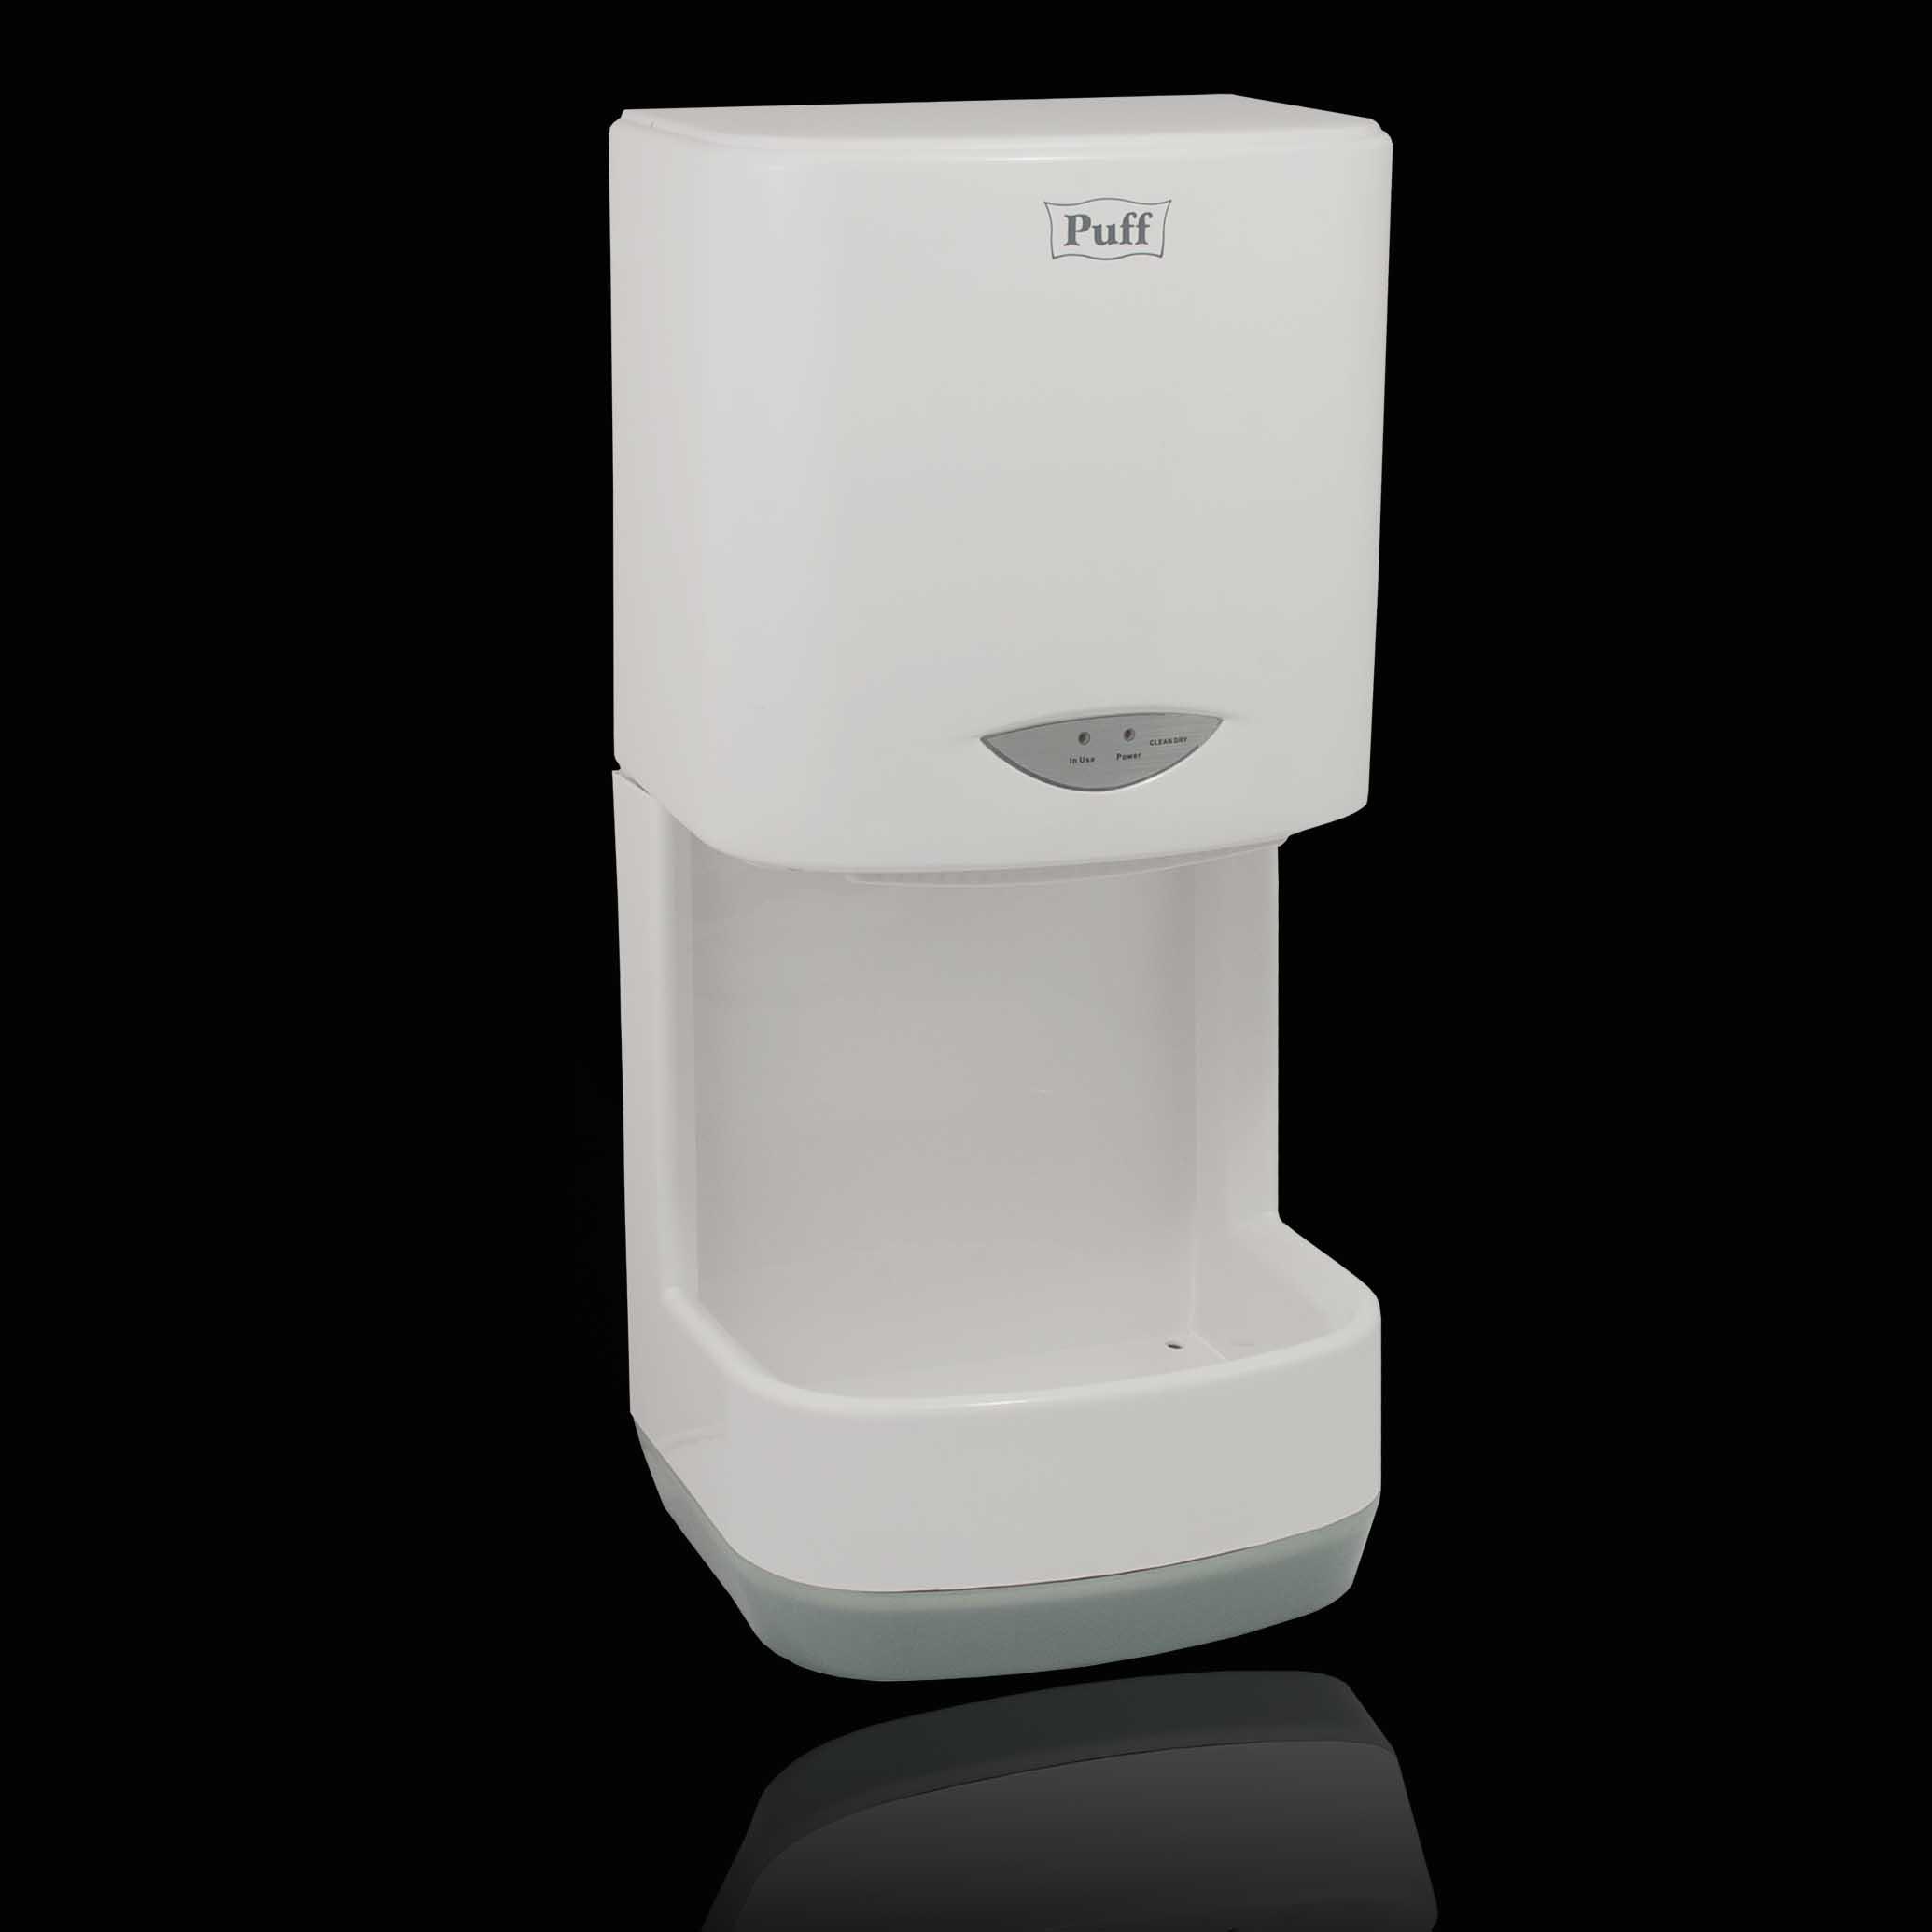 Тихая высокоскоростная сушка для рукPuff-8838 Подробнее   Высокоскоростная сушилка со съемным сборником для капель воды. Сборник позволяет собрать сдуваемые капли с рук благодаря этому поверхность полов остается сухой. Предназначена для частого каждодневного использования.     Материал корпуса: ABC-ПластикЦвет: БелыйМощность (Вт): 1000Скорость воздушного потока (м/сек): 40Время сушки рук (сек): 10-15Механизм включения: автоматическийОбласть срабатывания сенсора, см: 5-20Уровень шума, дБ: 60Температура воздушного потока, С: 2 режима - холодный/горячий воздухКласс влагозащищенности: IPX1Защита от перегрева/перегрузки: даВес брутто/нетто, кг: 5,3/4,5Габаритные размеры (мм) (ШхГхВ): 248*190*520Гарантия: 12 мес.